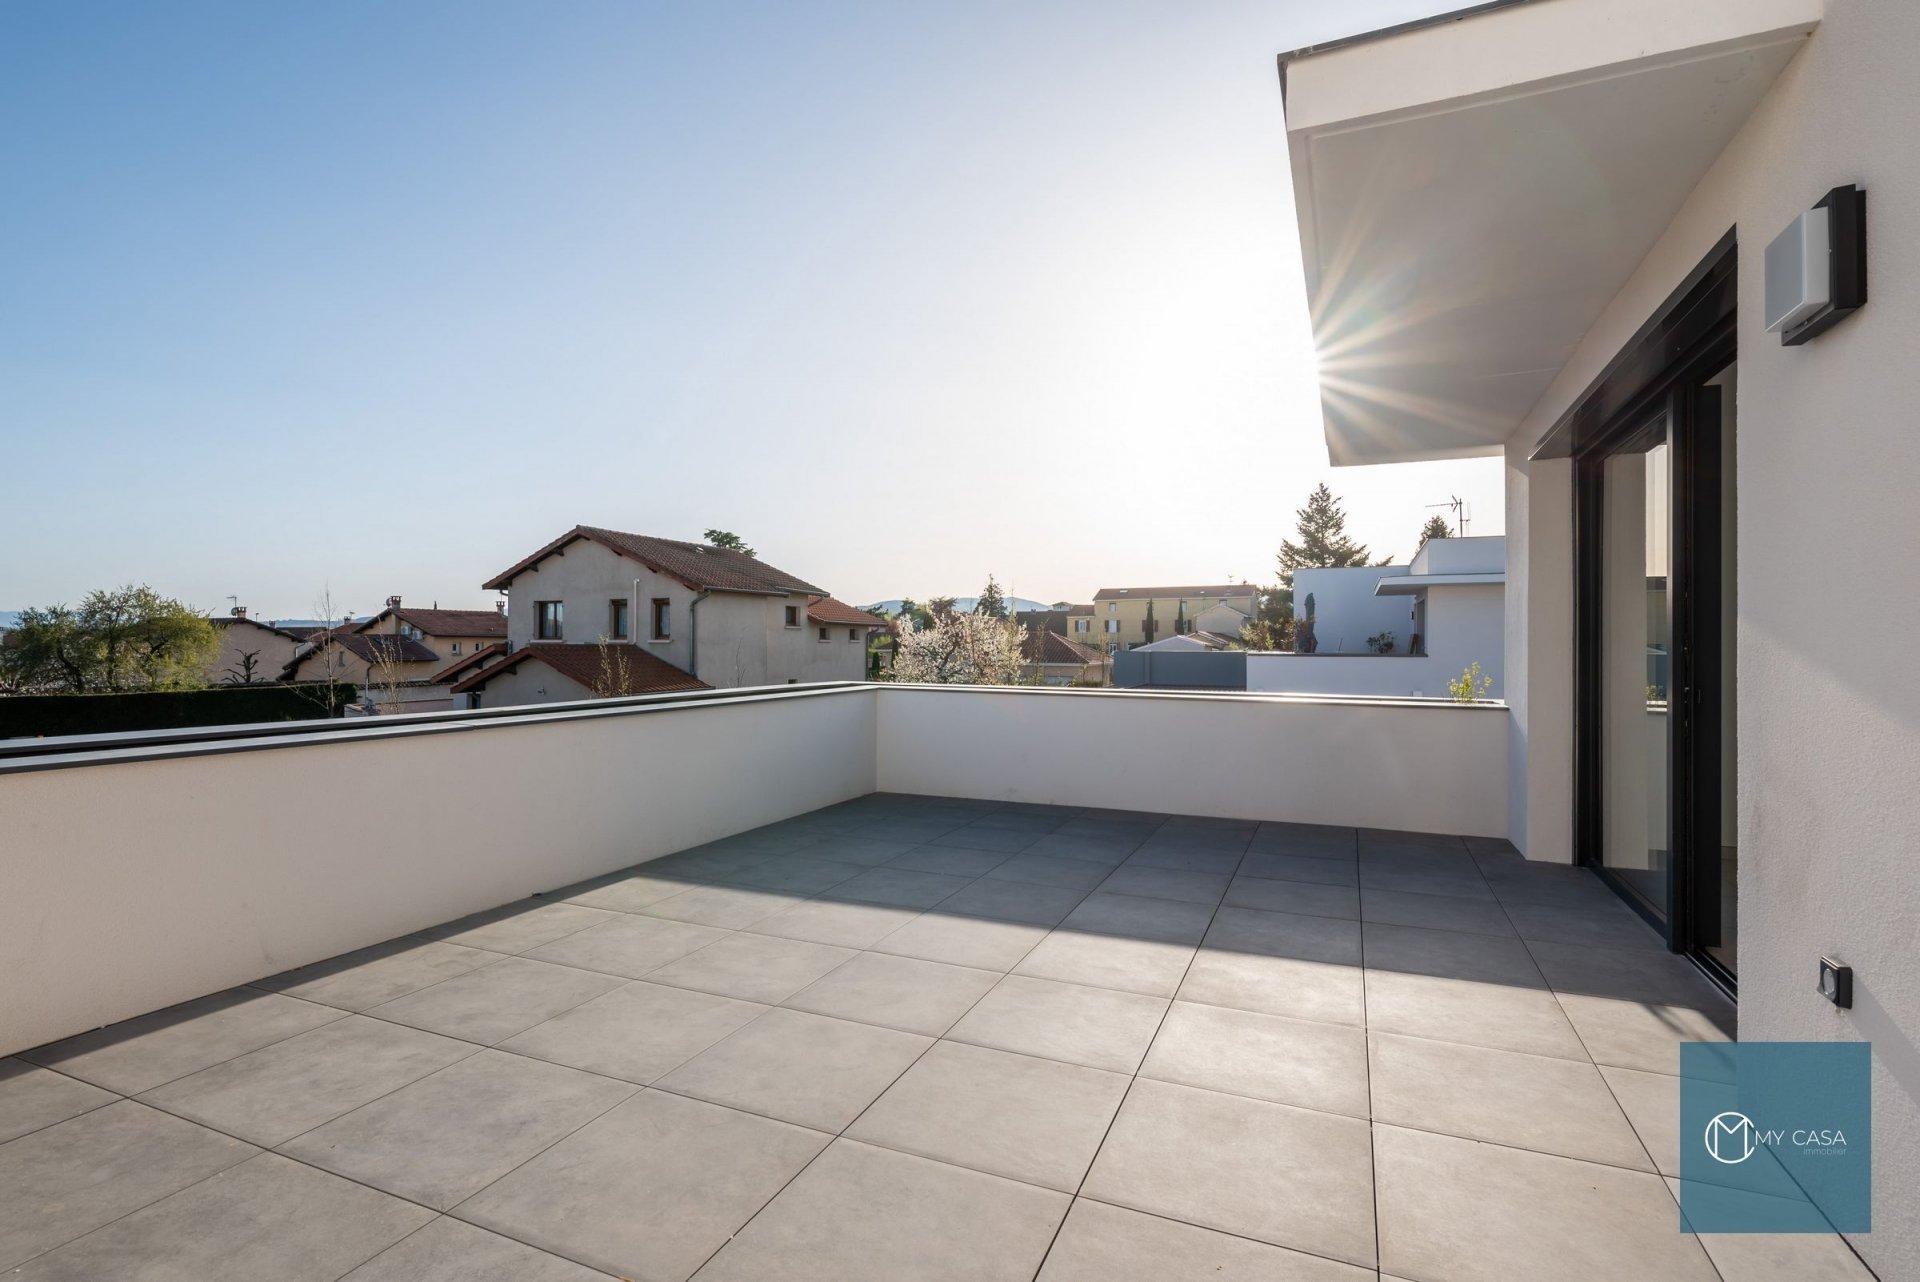 CRAPONNE CENTRE - Maison sur le Toit 118 m2 - Terrasse 46 m2